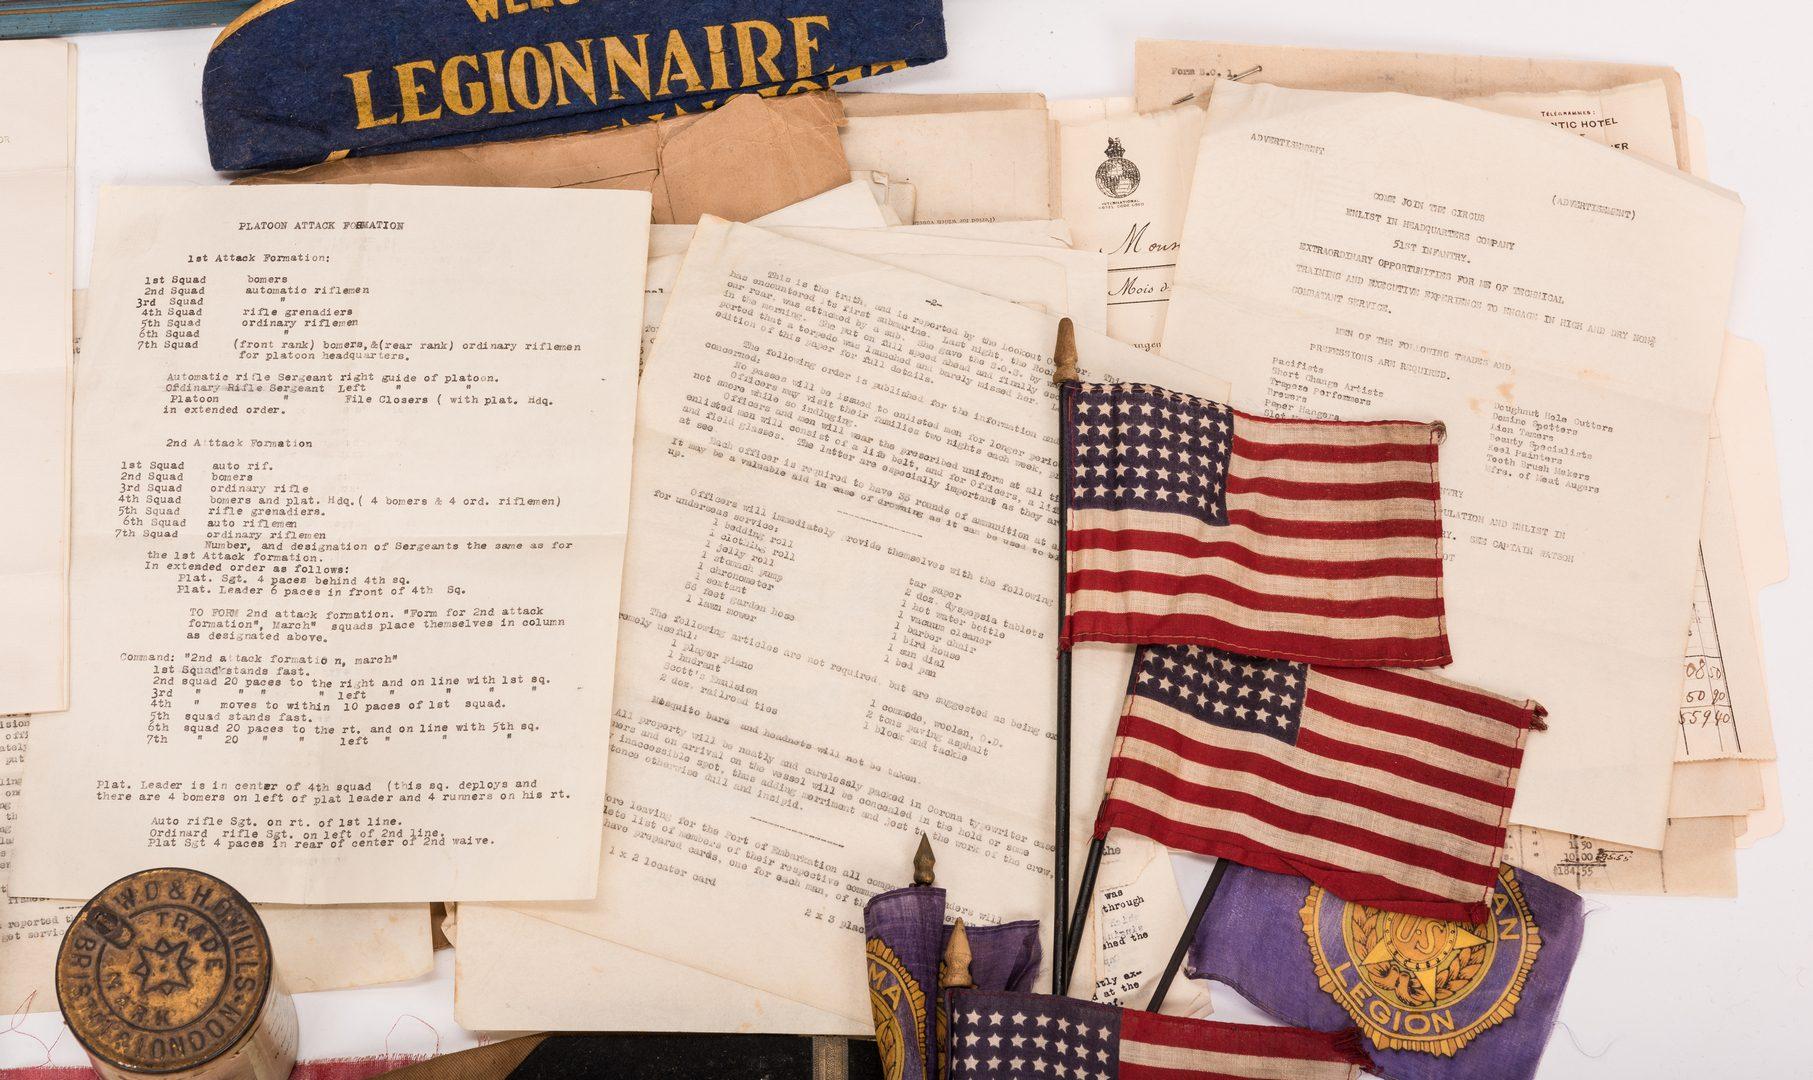 Lot 112: World War 1 Archive, First Lieutenant James A. New